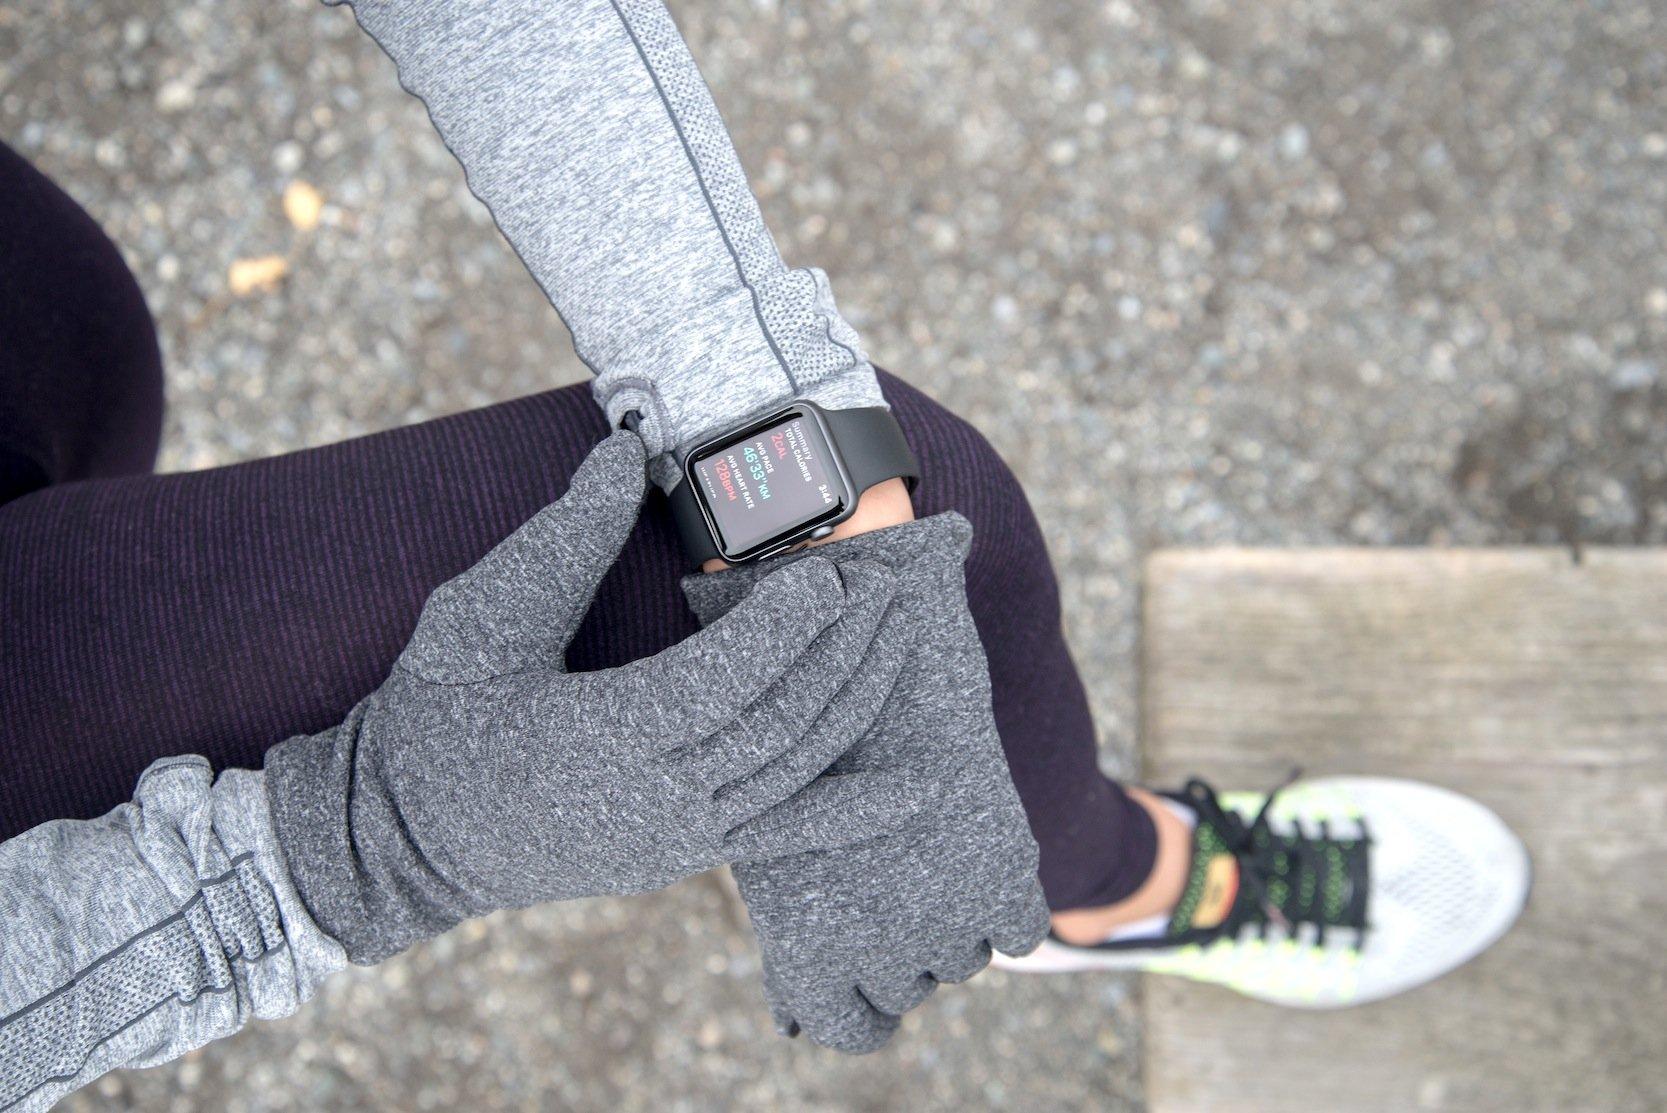 Alle mobilen Geräte lassen sich mit den auf dem Handschuh geklebten künstlichen Fingerabdruck entsperren.